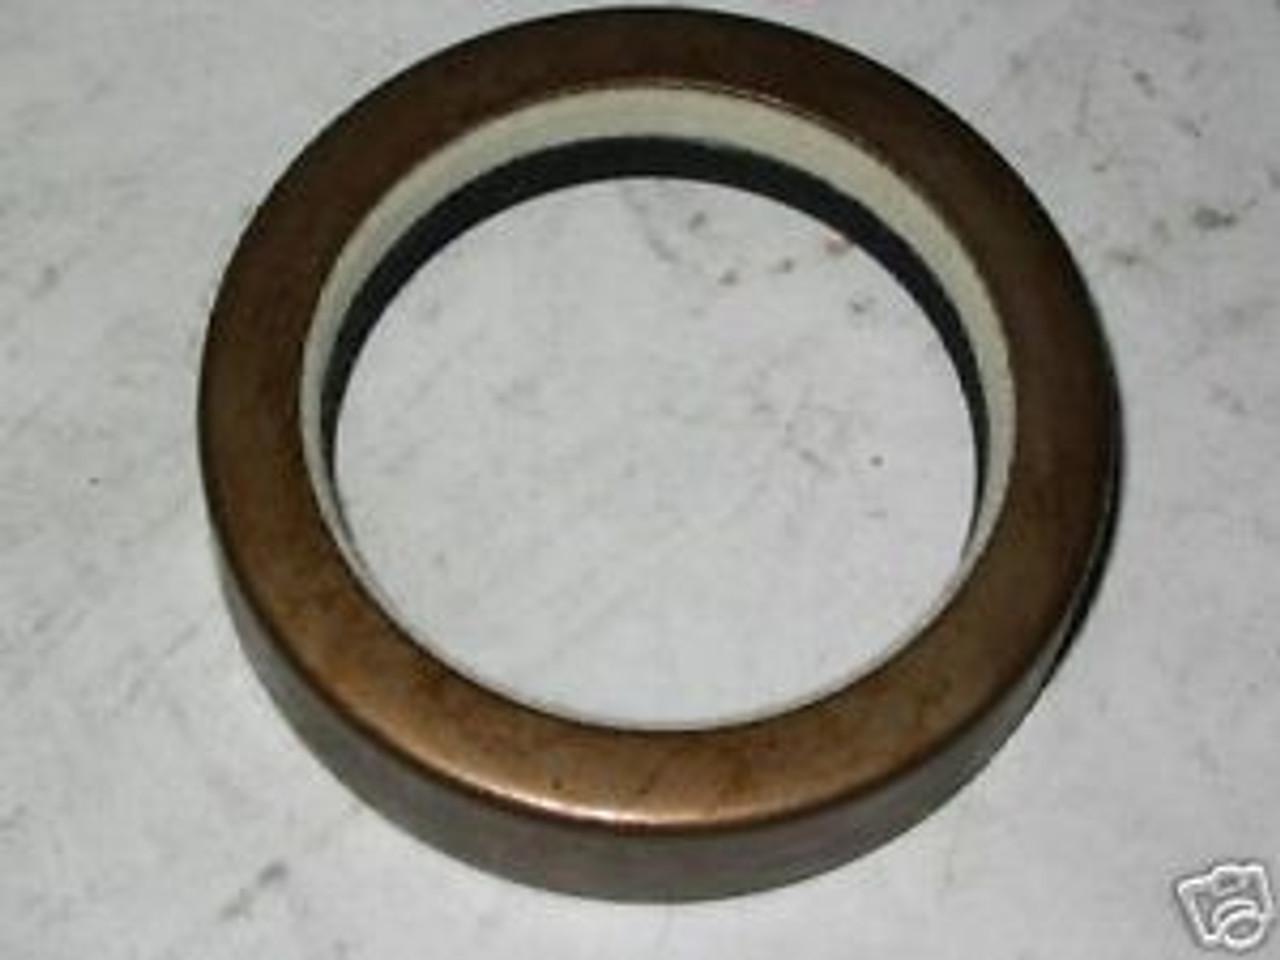 2 5 Ton M35 Transmission Output Seal (Original)